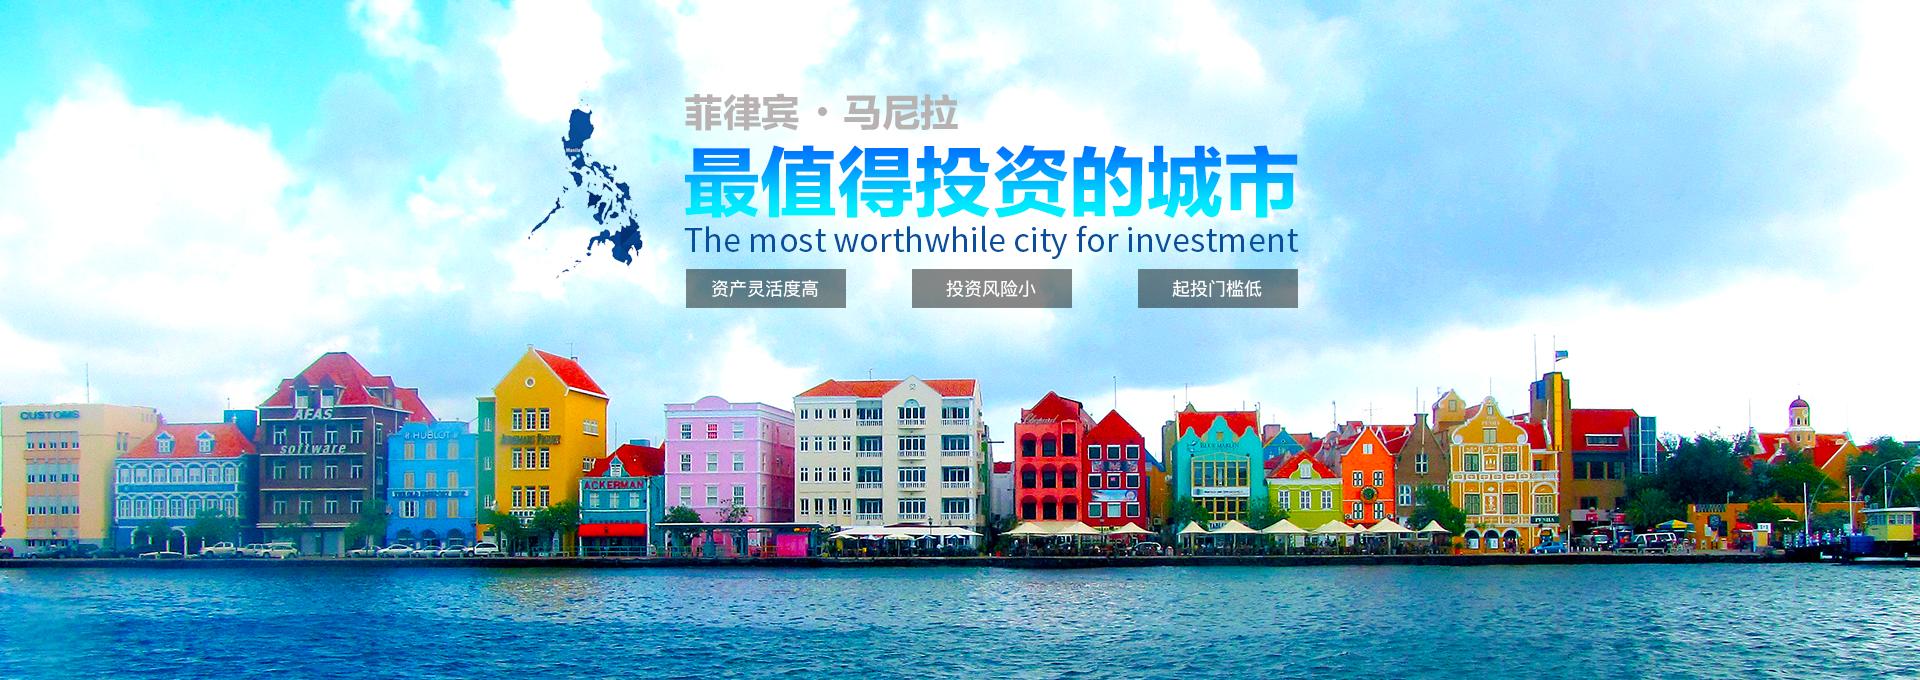 专注菲律宾房产投资